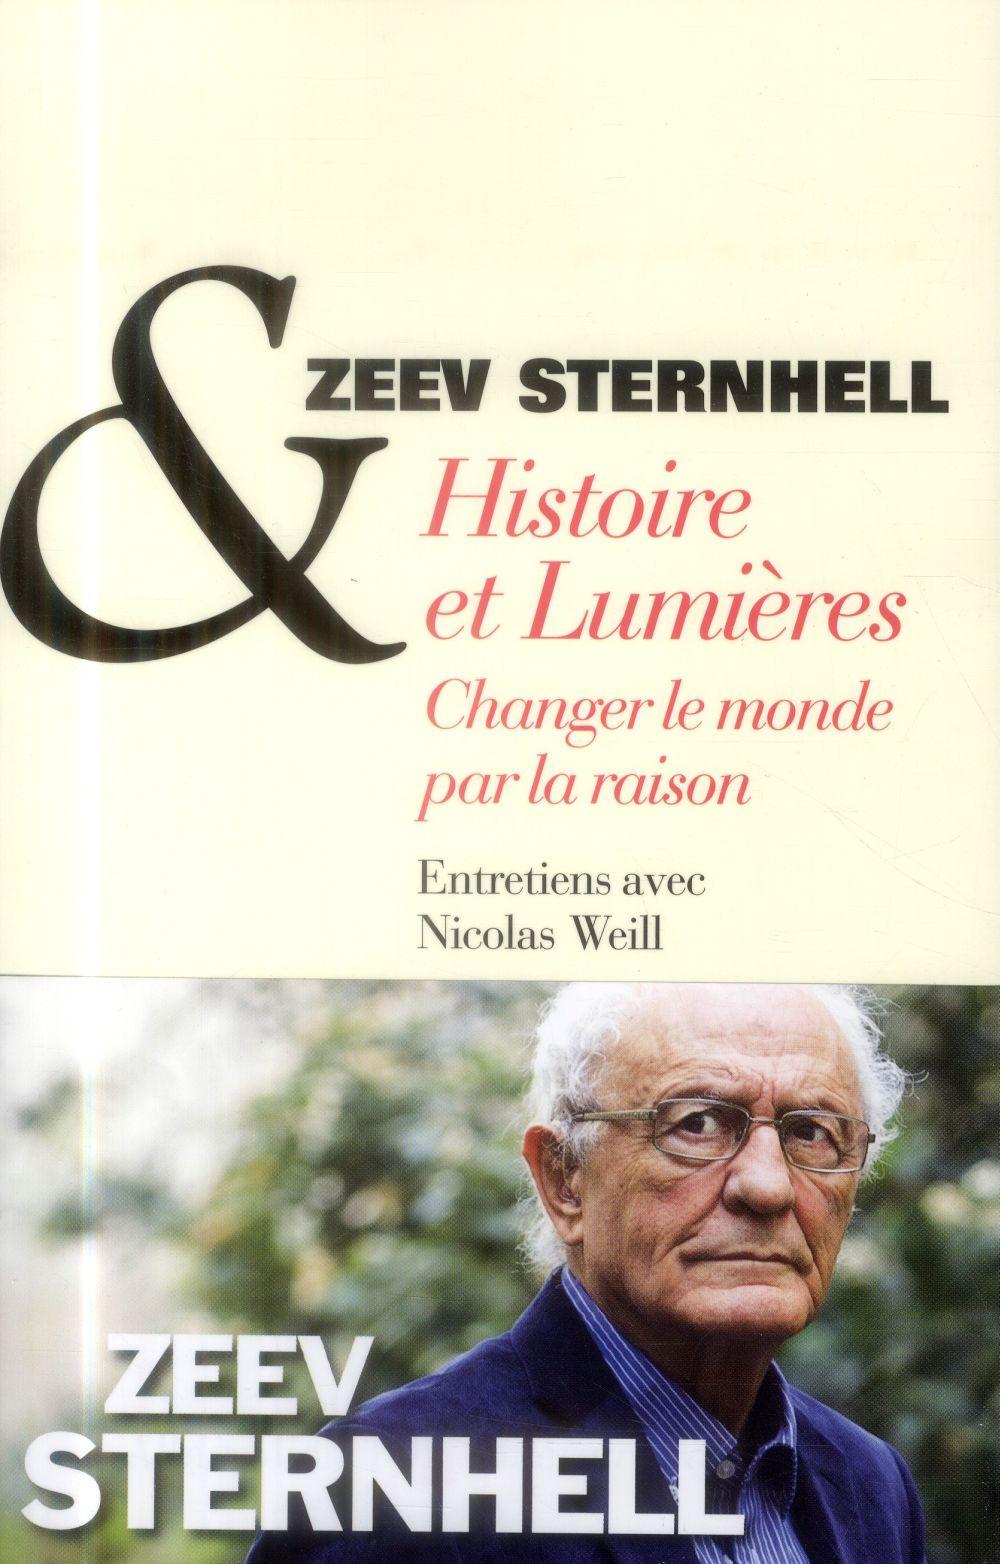 HISTOIRE ET LUMIERES  -  CHANGER LE MONDE PAR LA RAISON